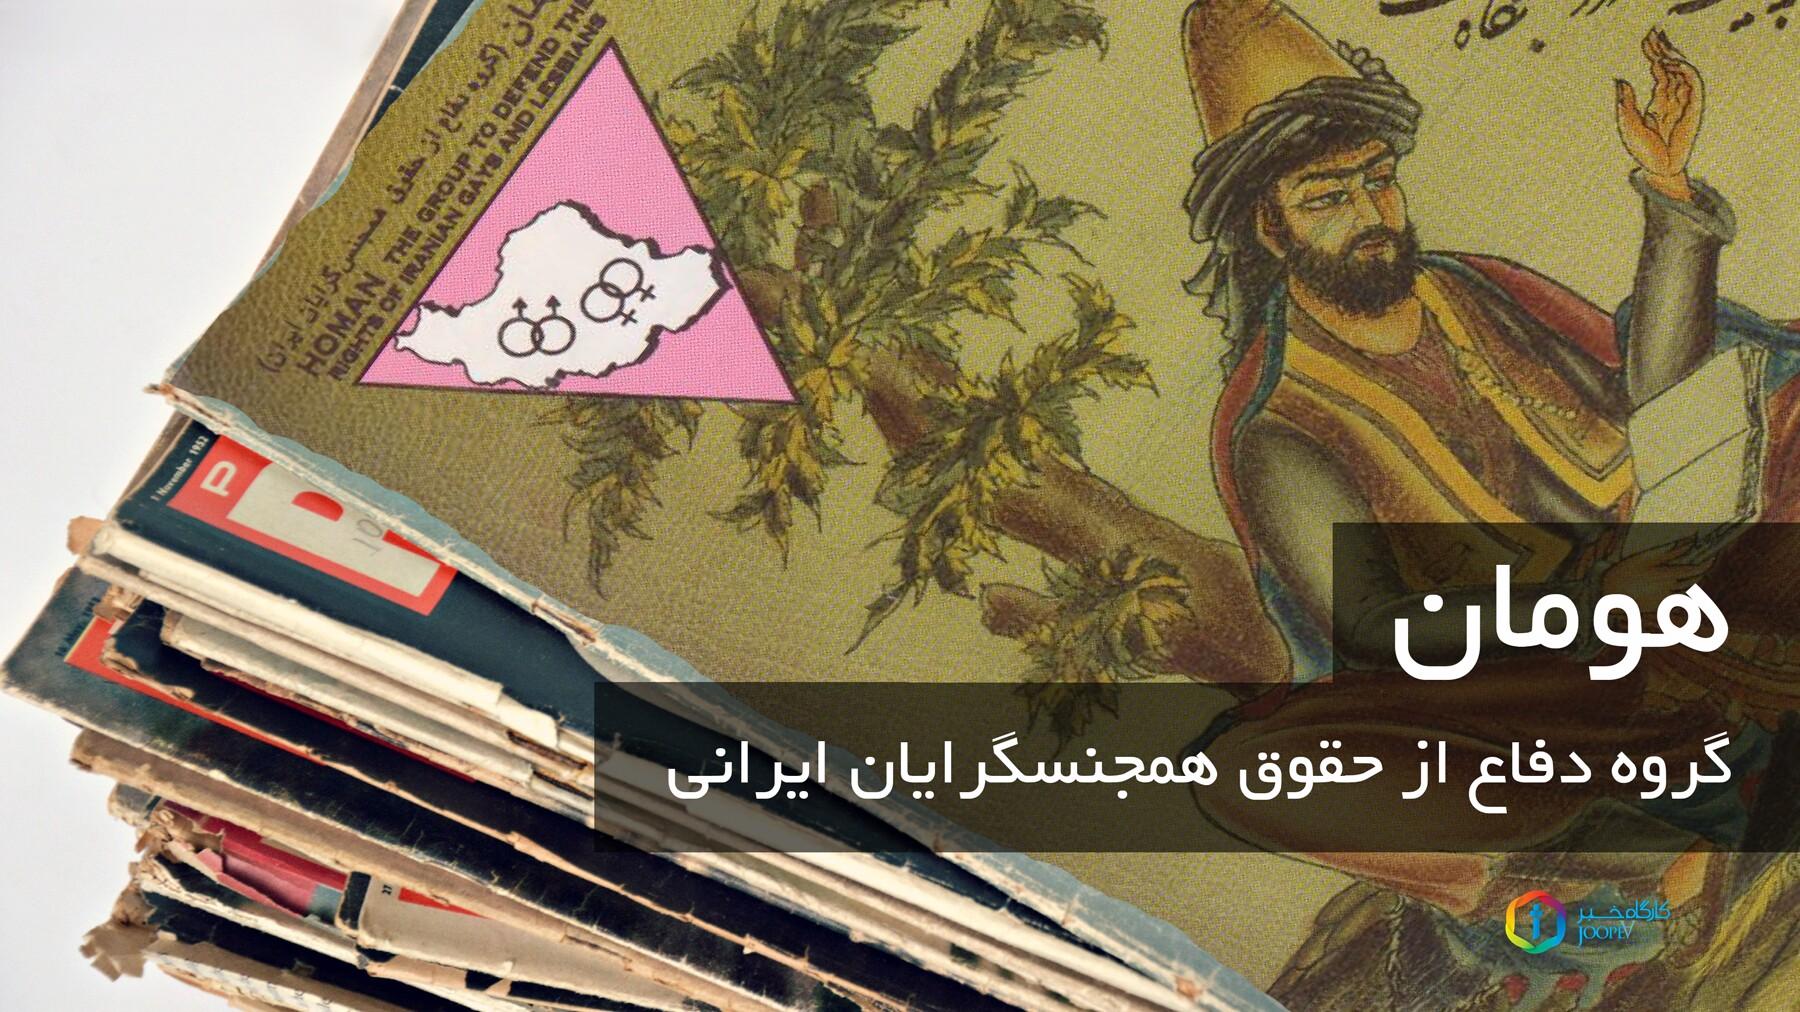 هومان، گروه دفاع از همجنسگرایان ایرانی